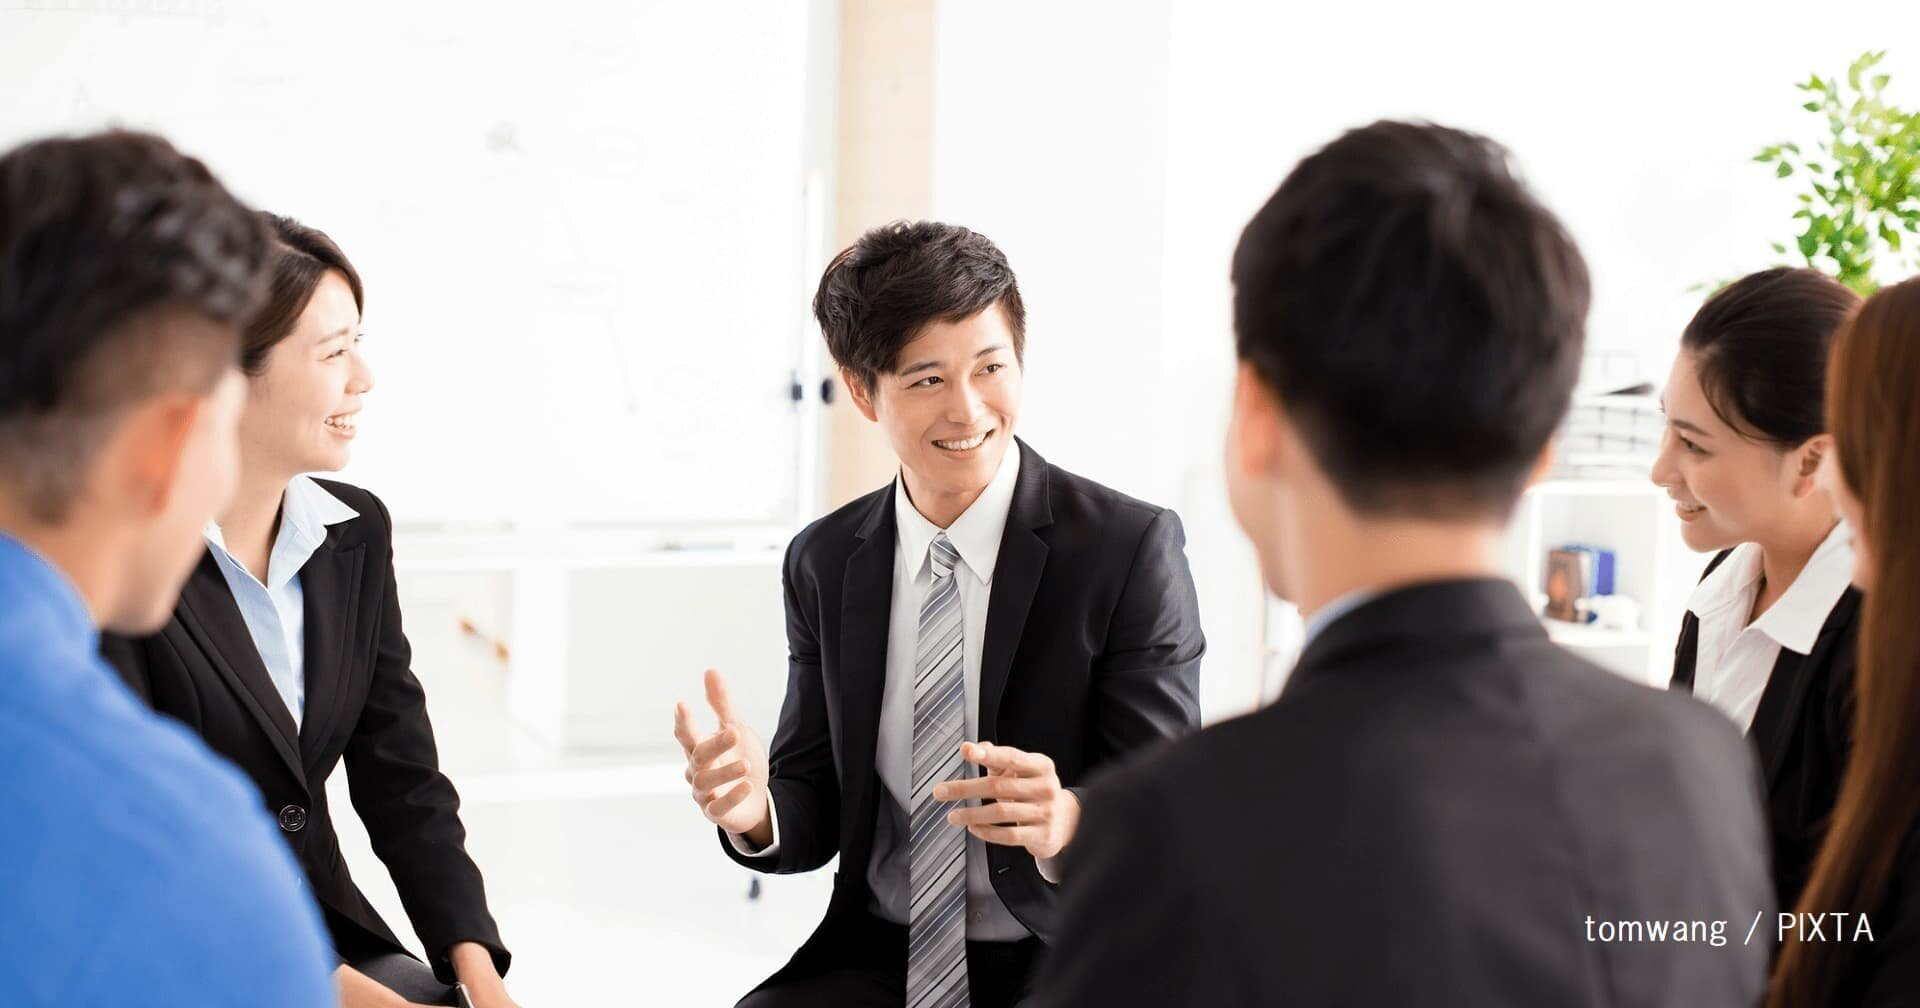 事業継続のために求められるリーダーシップとは?